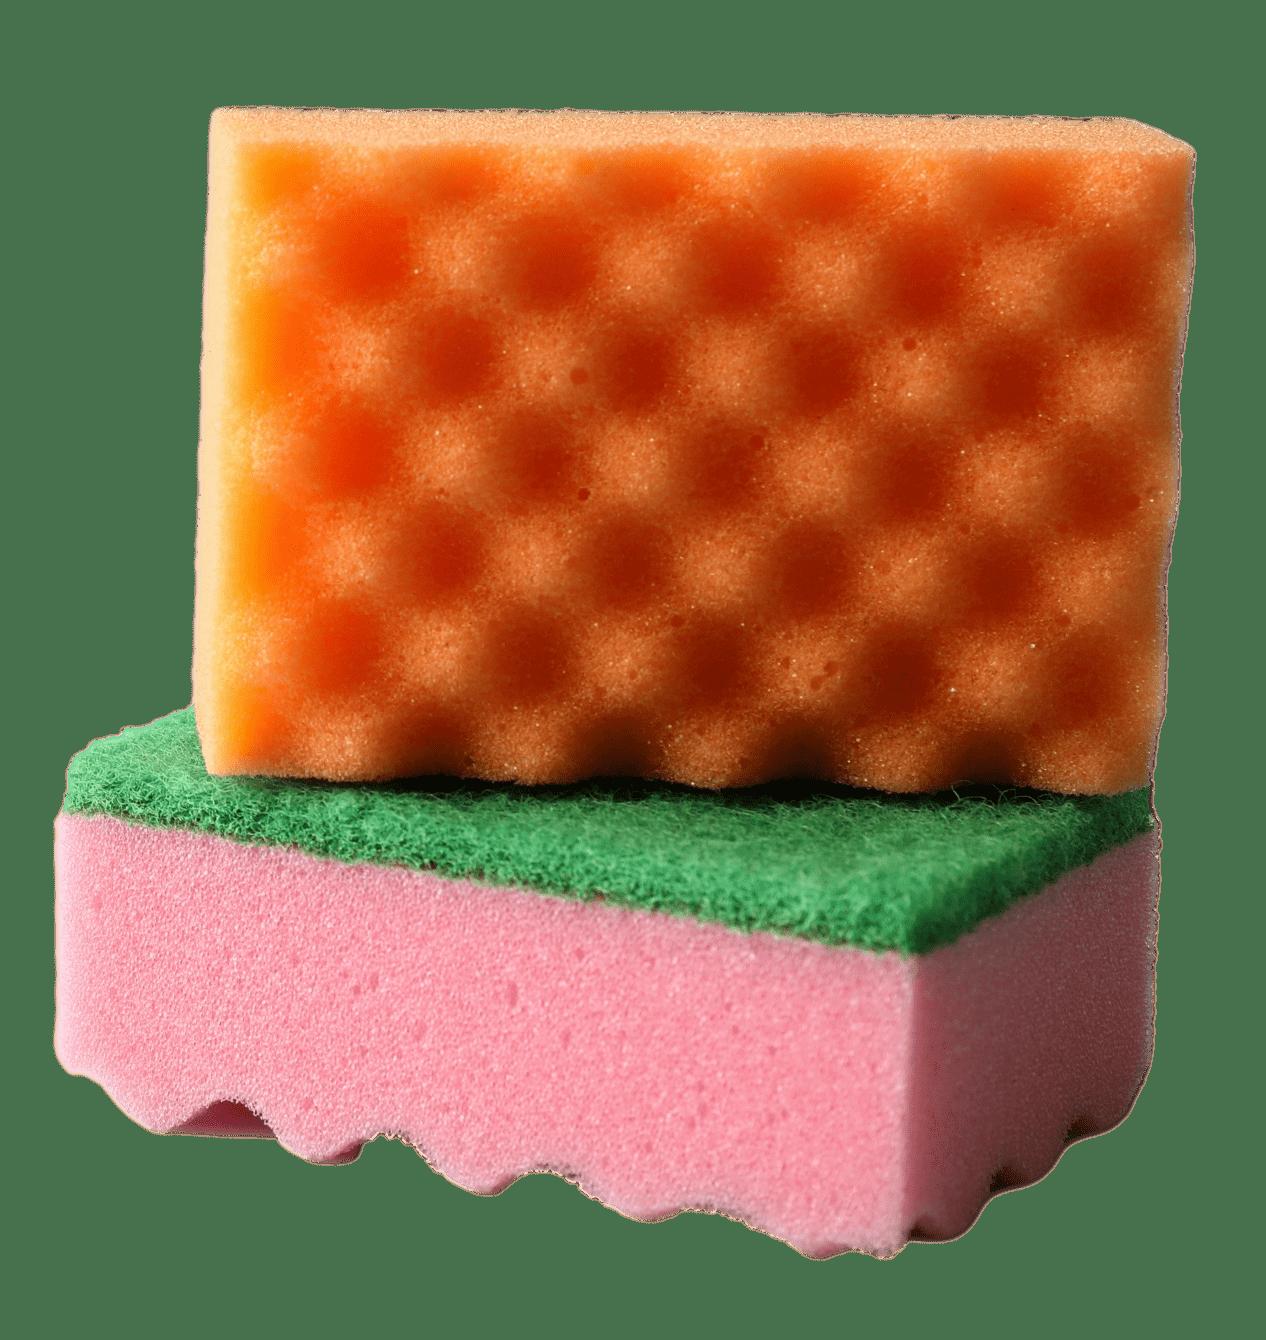 wavy sponge 2pc